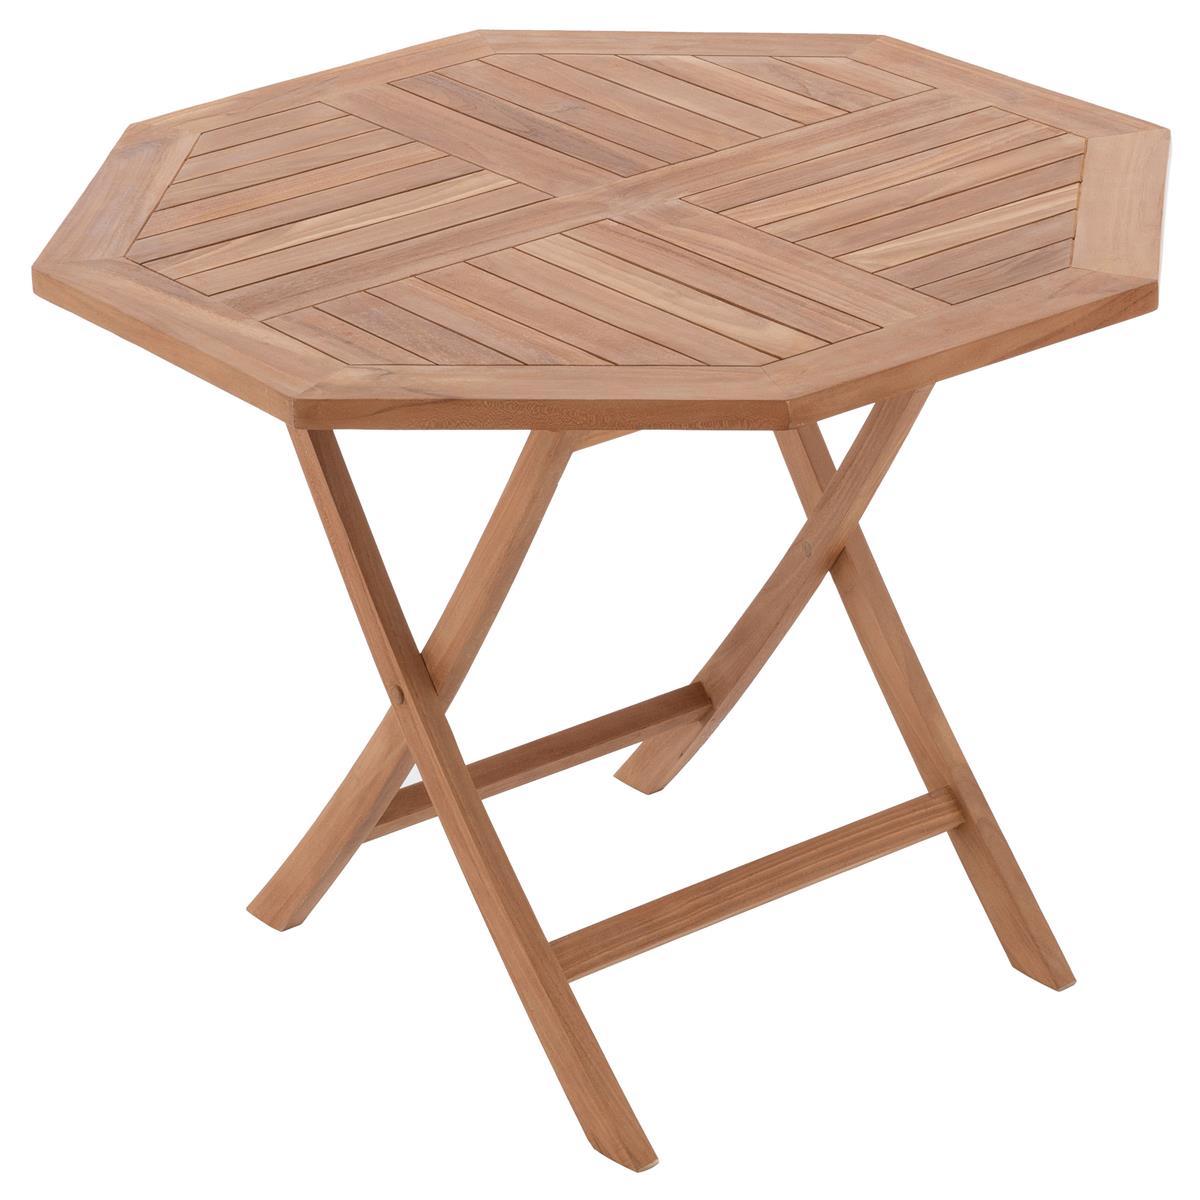 Full Size of Gartentisch Klappbar Holz Obi Ausziehbar Holzoptik Ikea Rund Eckig Metall 80x80 Alu Divero Balkontisch Tisch Teak Behandelt Fenster Regale Unterschrank Bad Wohnzimmer Gartentisch Klappbar Holz